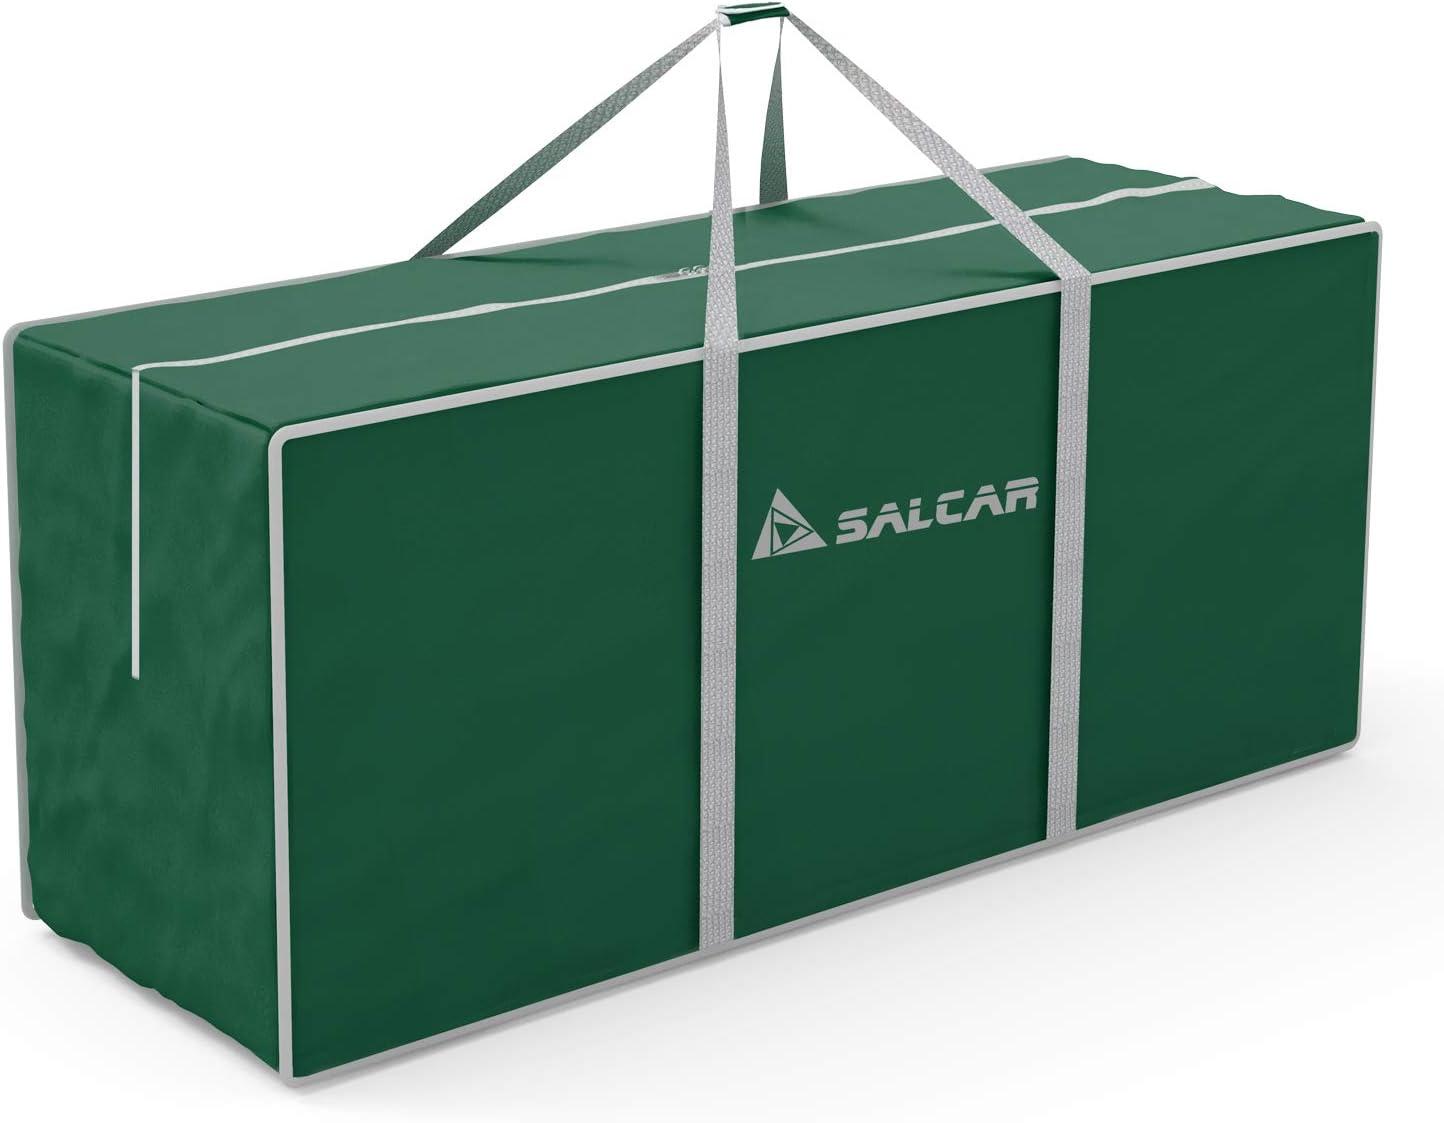 SALCAR Bolsa de Almacenamiento Grande para árbol de Navidad, 130 x 40 x 50 cm. Bolsa de Almacenamiento de Viaje de Gran tamaño,usada para almacenar árboles de Navidad, Ropa, Juguetes - Verde